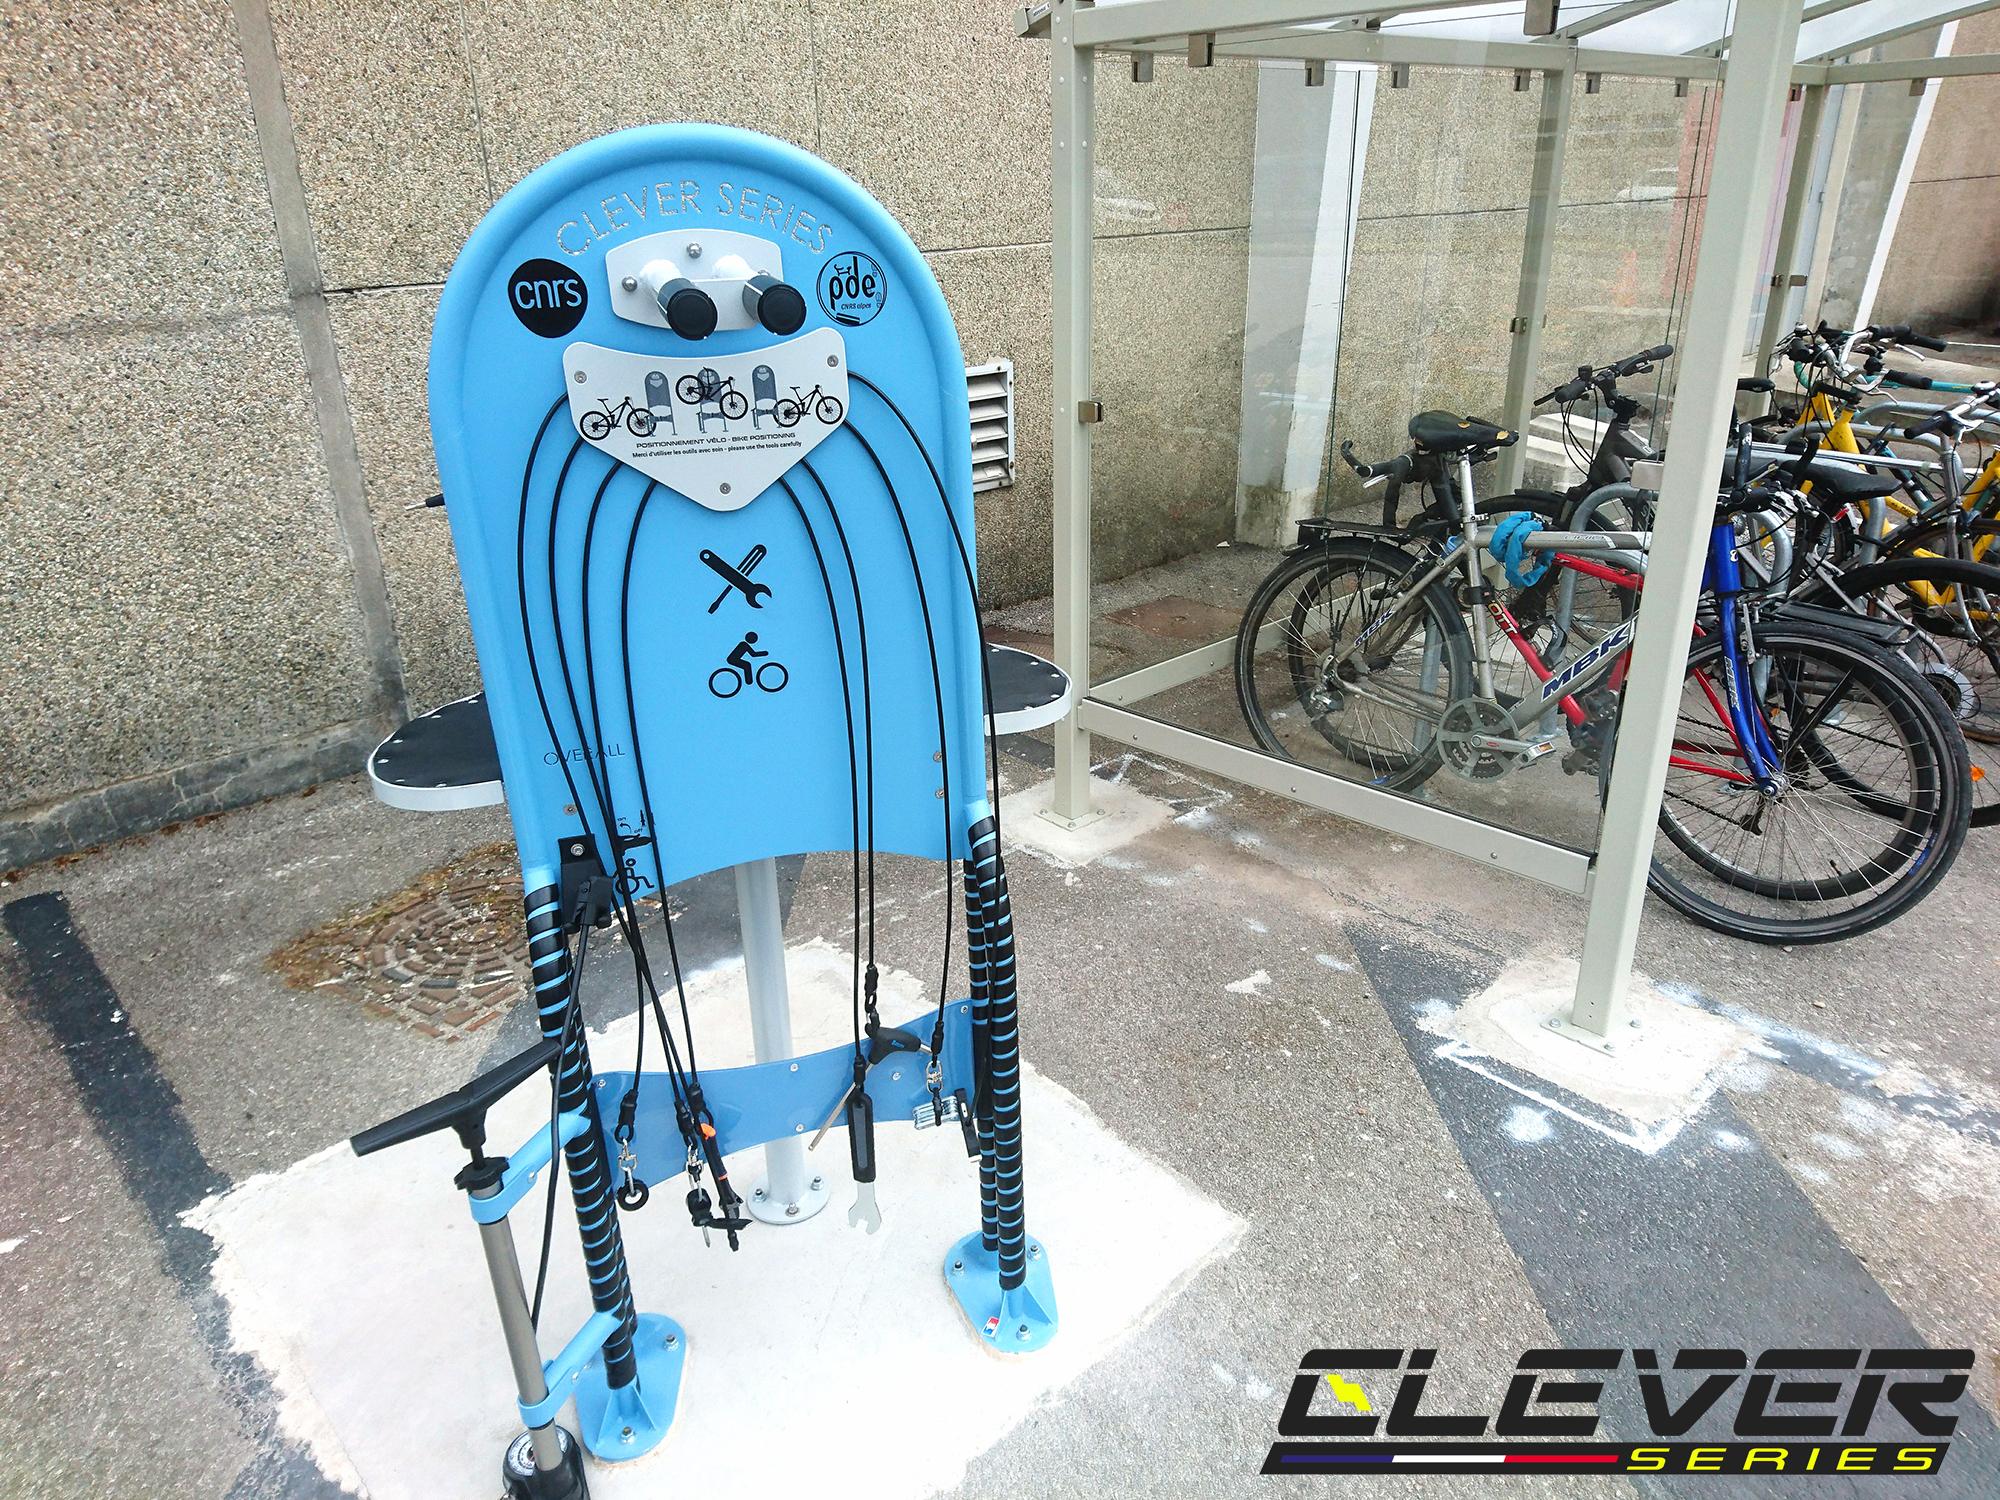 Station de réparation en libre-service pour les vélos et les matériels de glisse urbaine pour le CNRS de Grenoble.